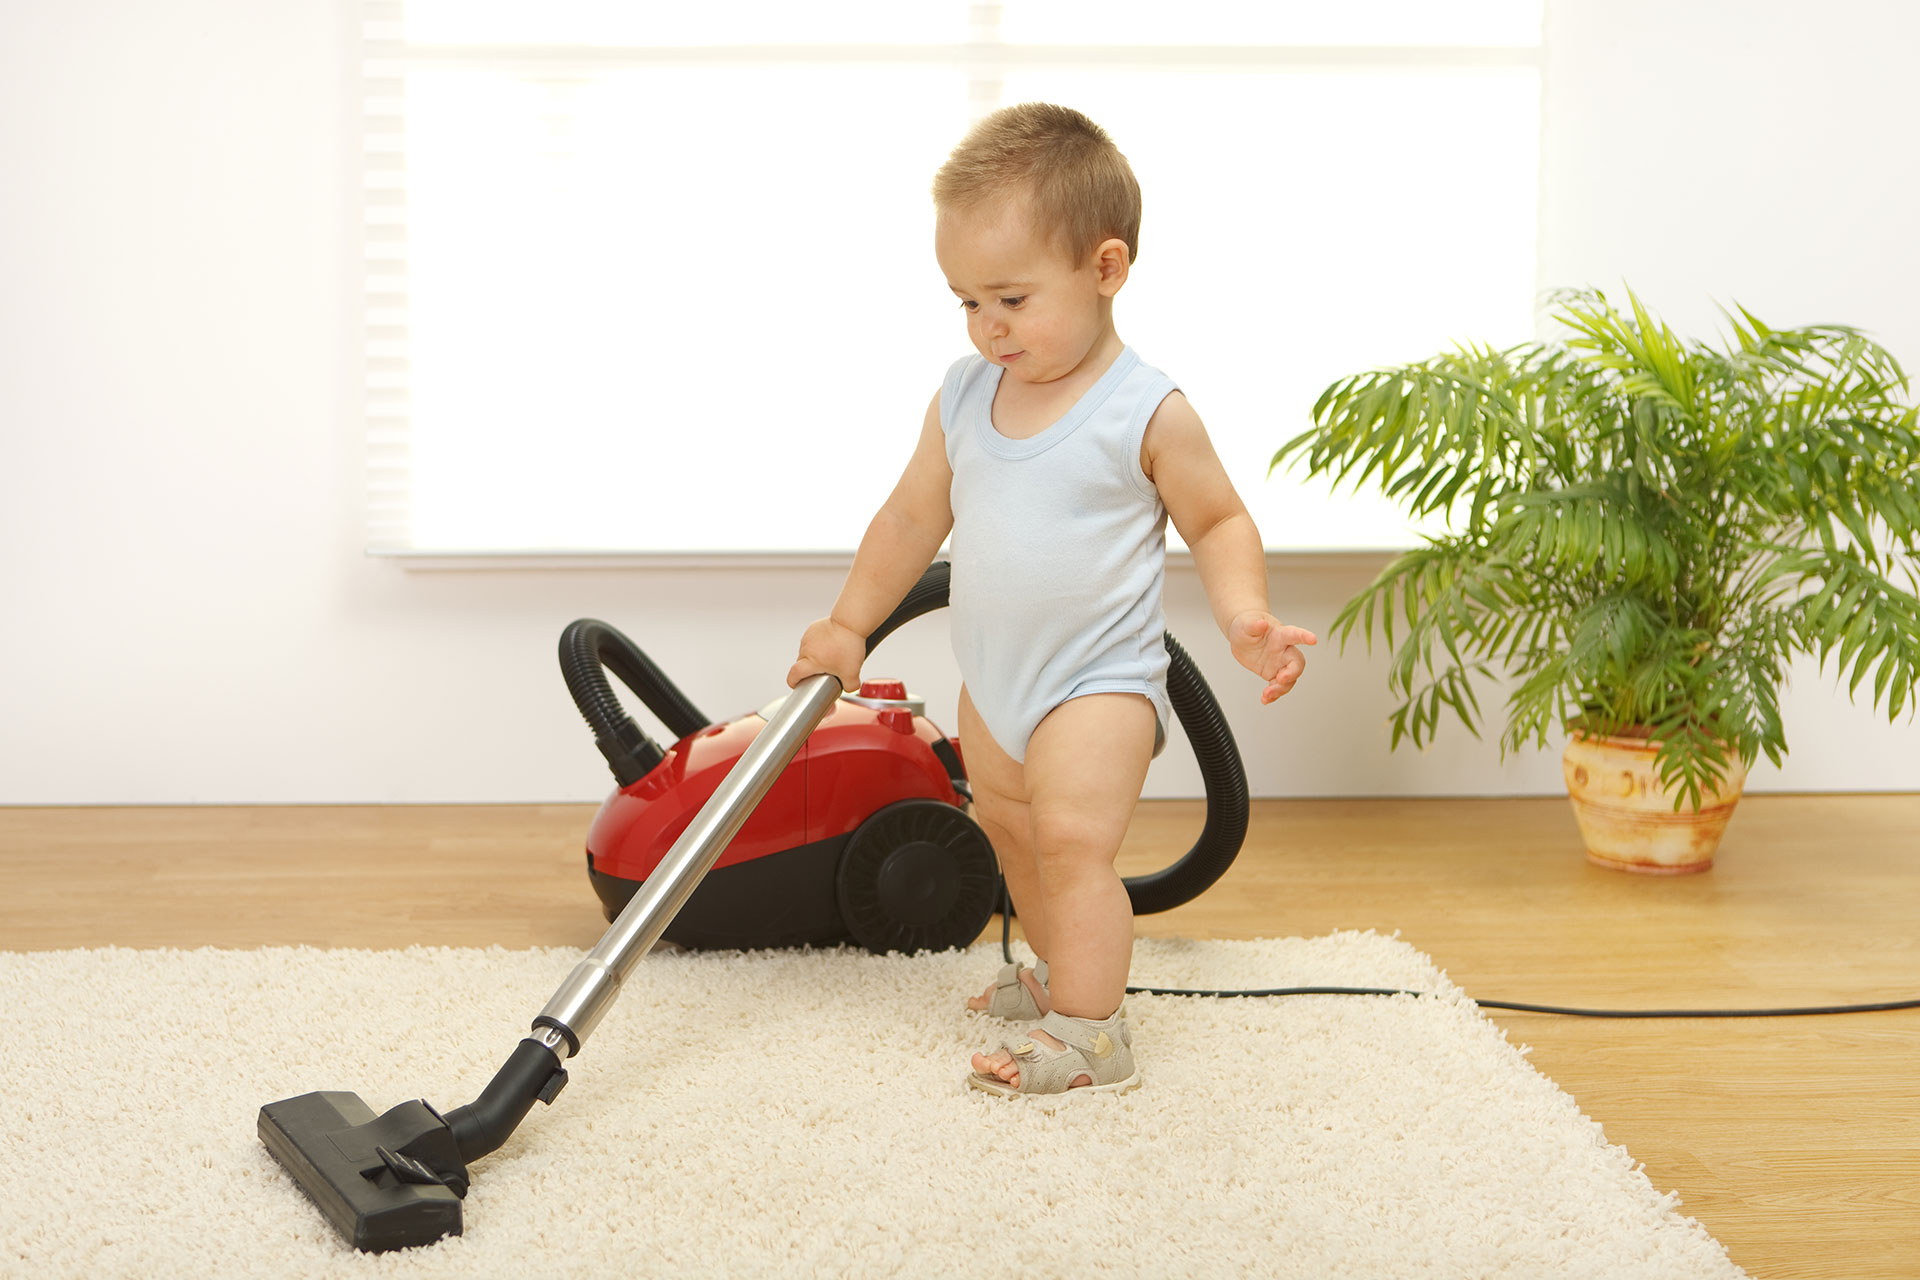 Πως να καθαρίζω τα χαλιά στο σπίτι μου